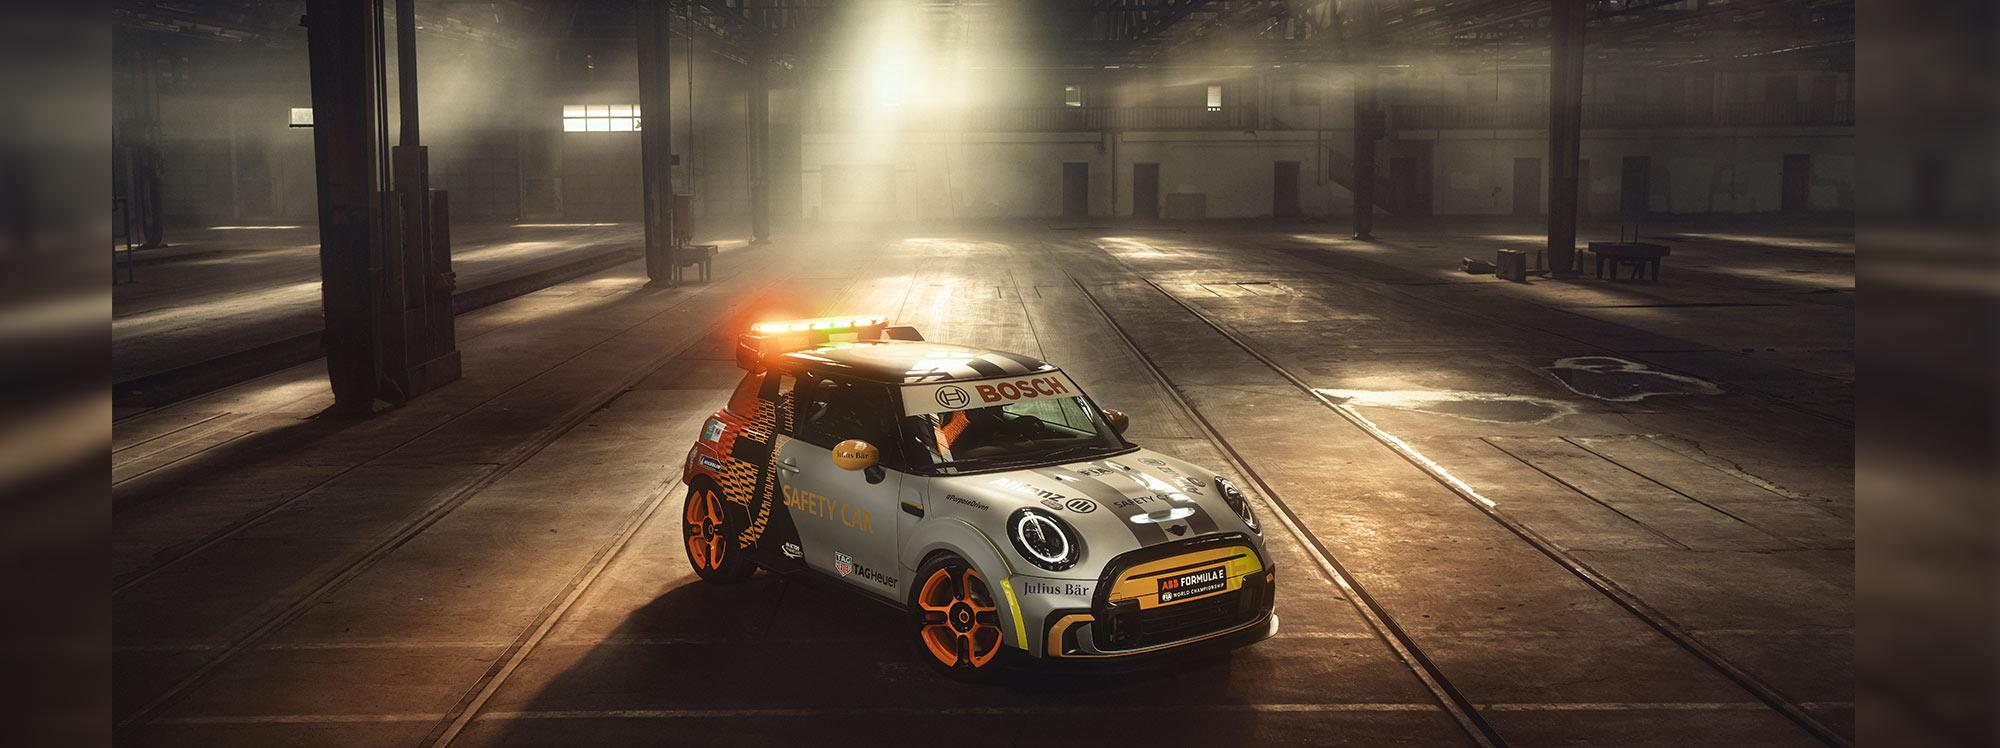 El primer MINI eléctrico es el nuevo vehículo de seguridad de la Fórmula E